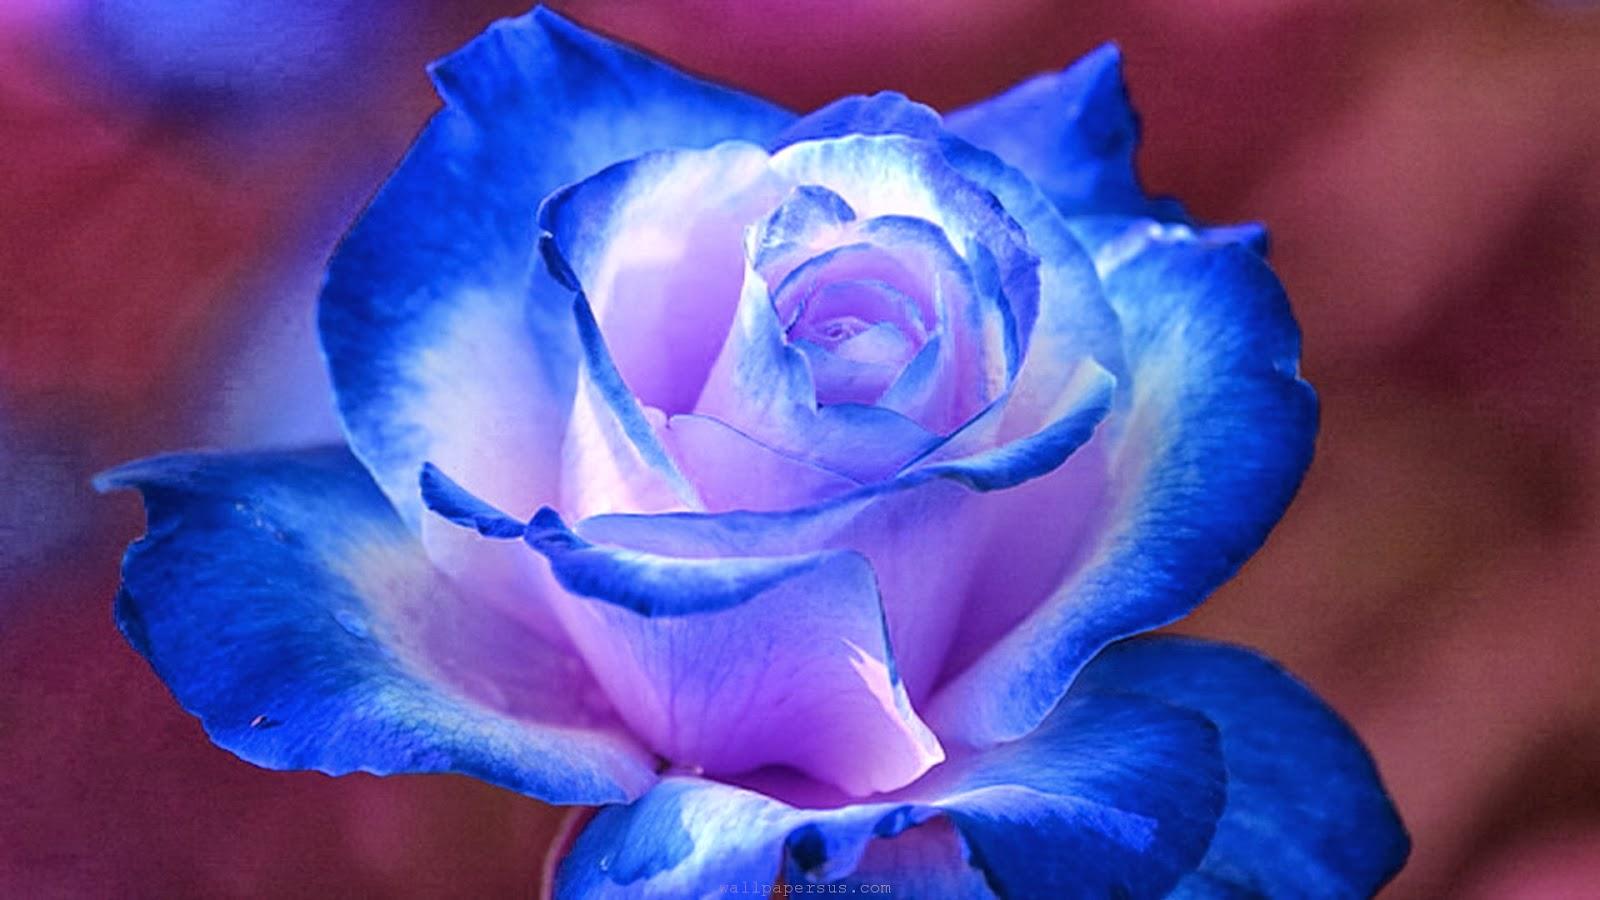 HD Wallpapers Desktop Blue Flower HD Wallpapers 1600x900